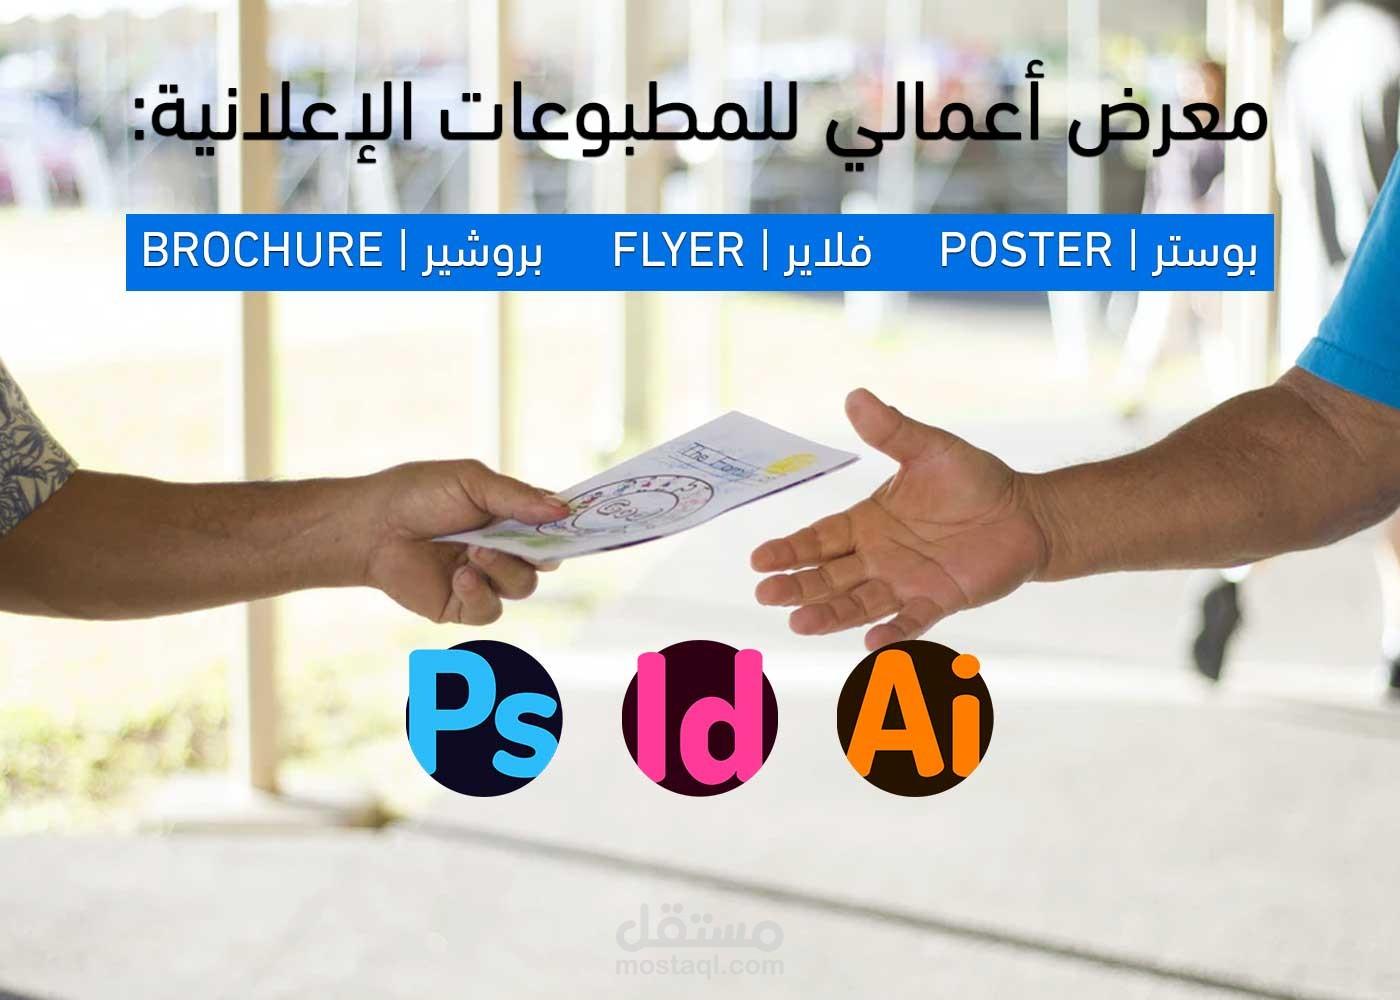 معرض أعمالي للمطبوعات الإعلانية؛ فلاير  | Flyer  ؛ بروشير | Brochure  ؛ بوستر | Poster